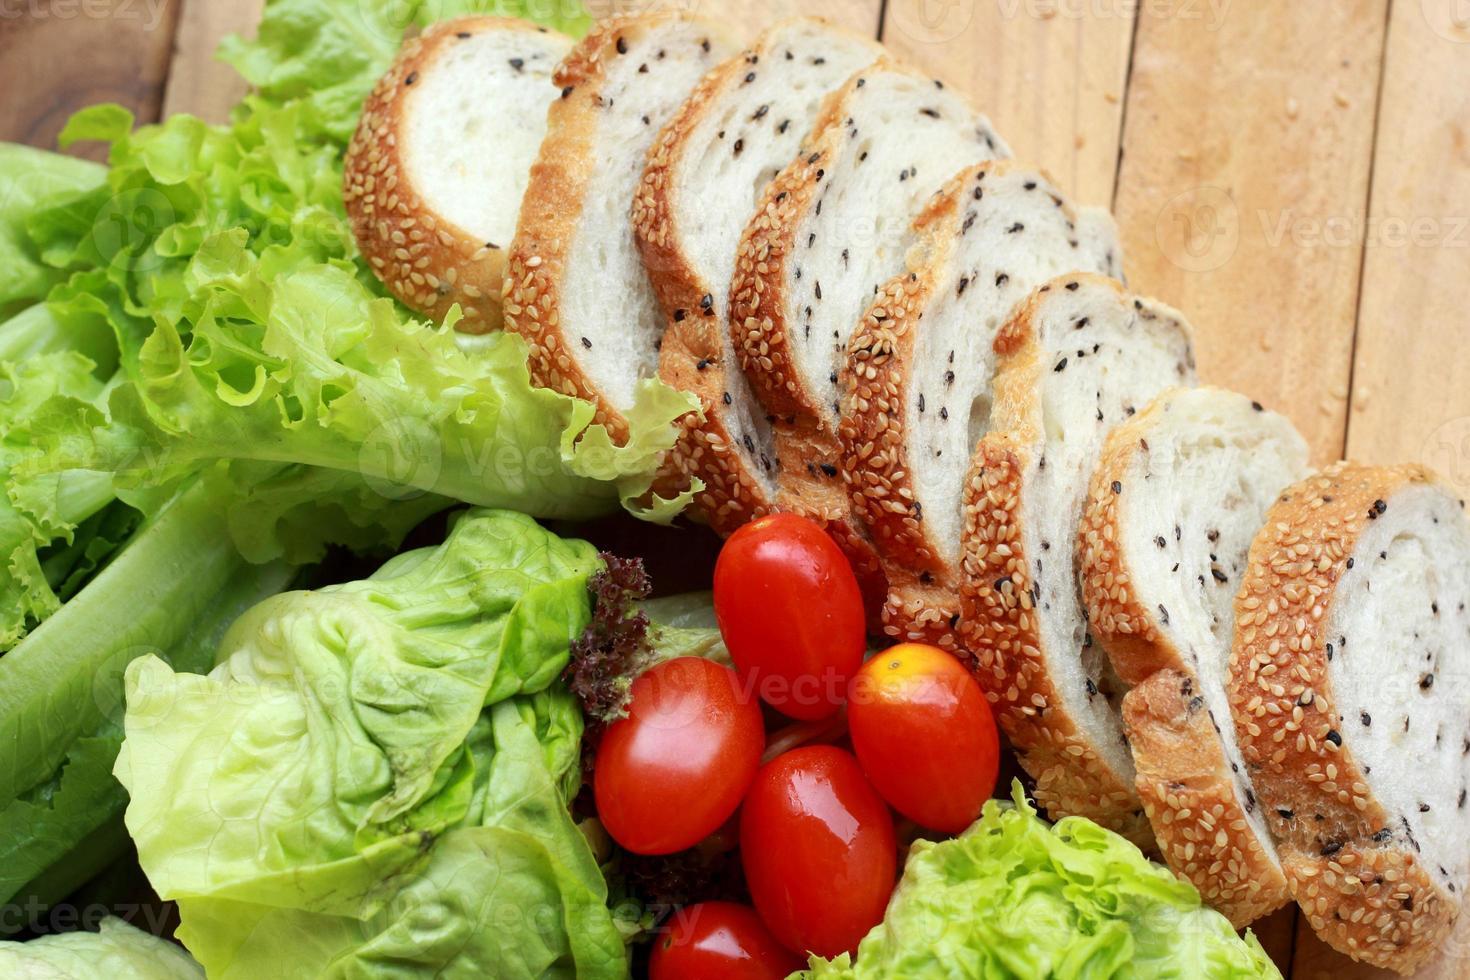 brood bestrooid met sesam - plantaardige groene salade foto